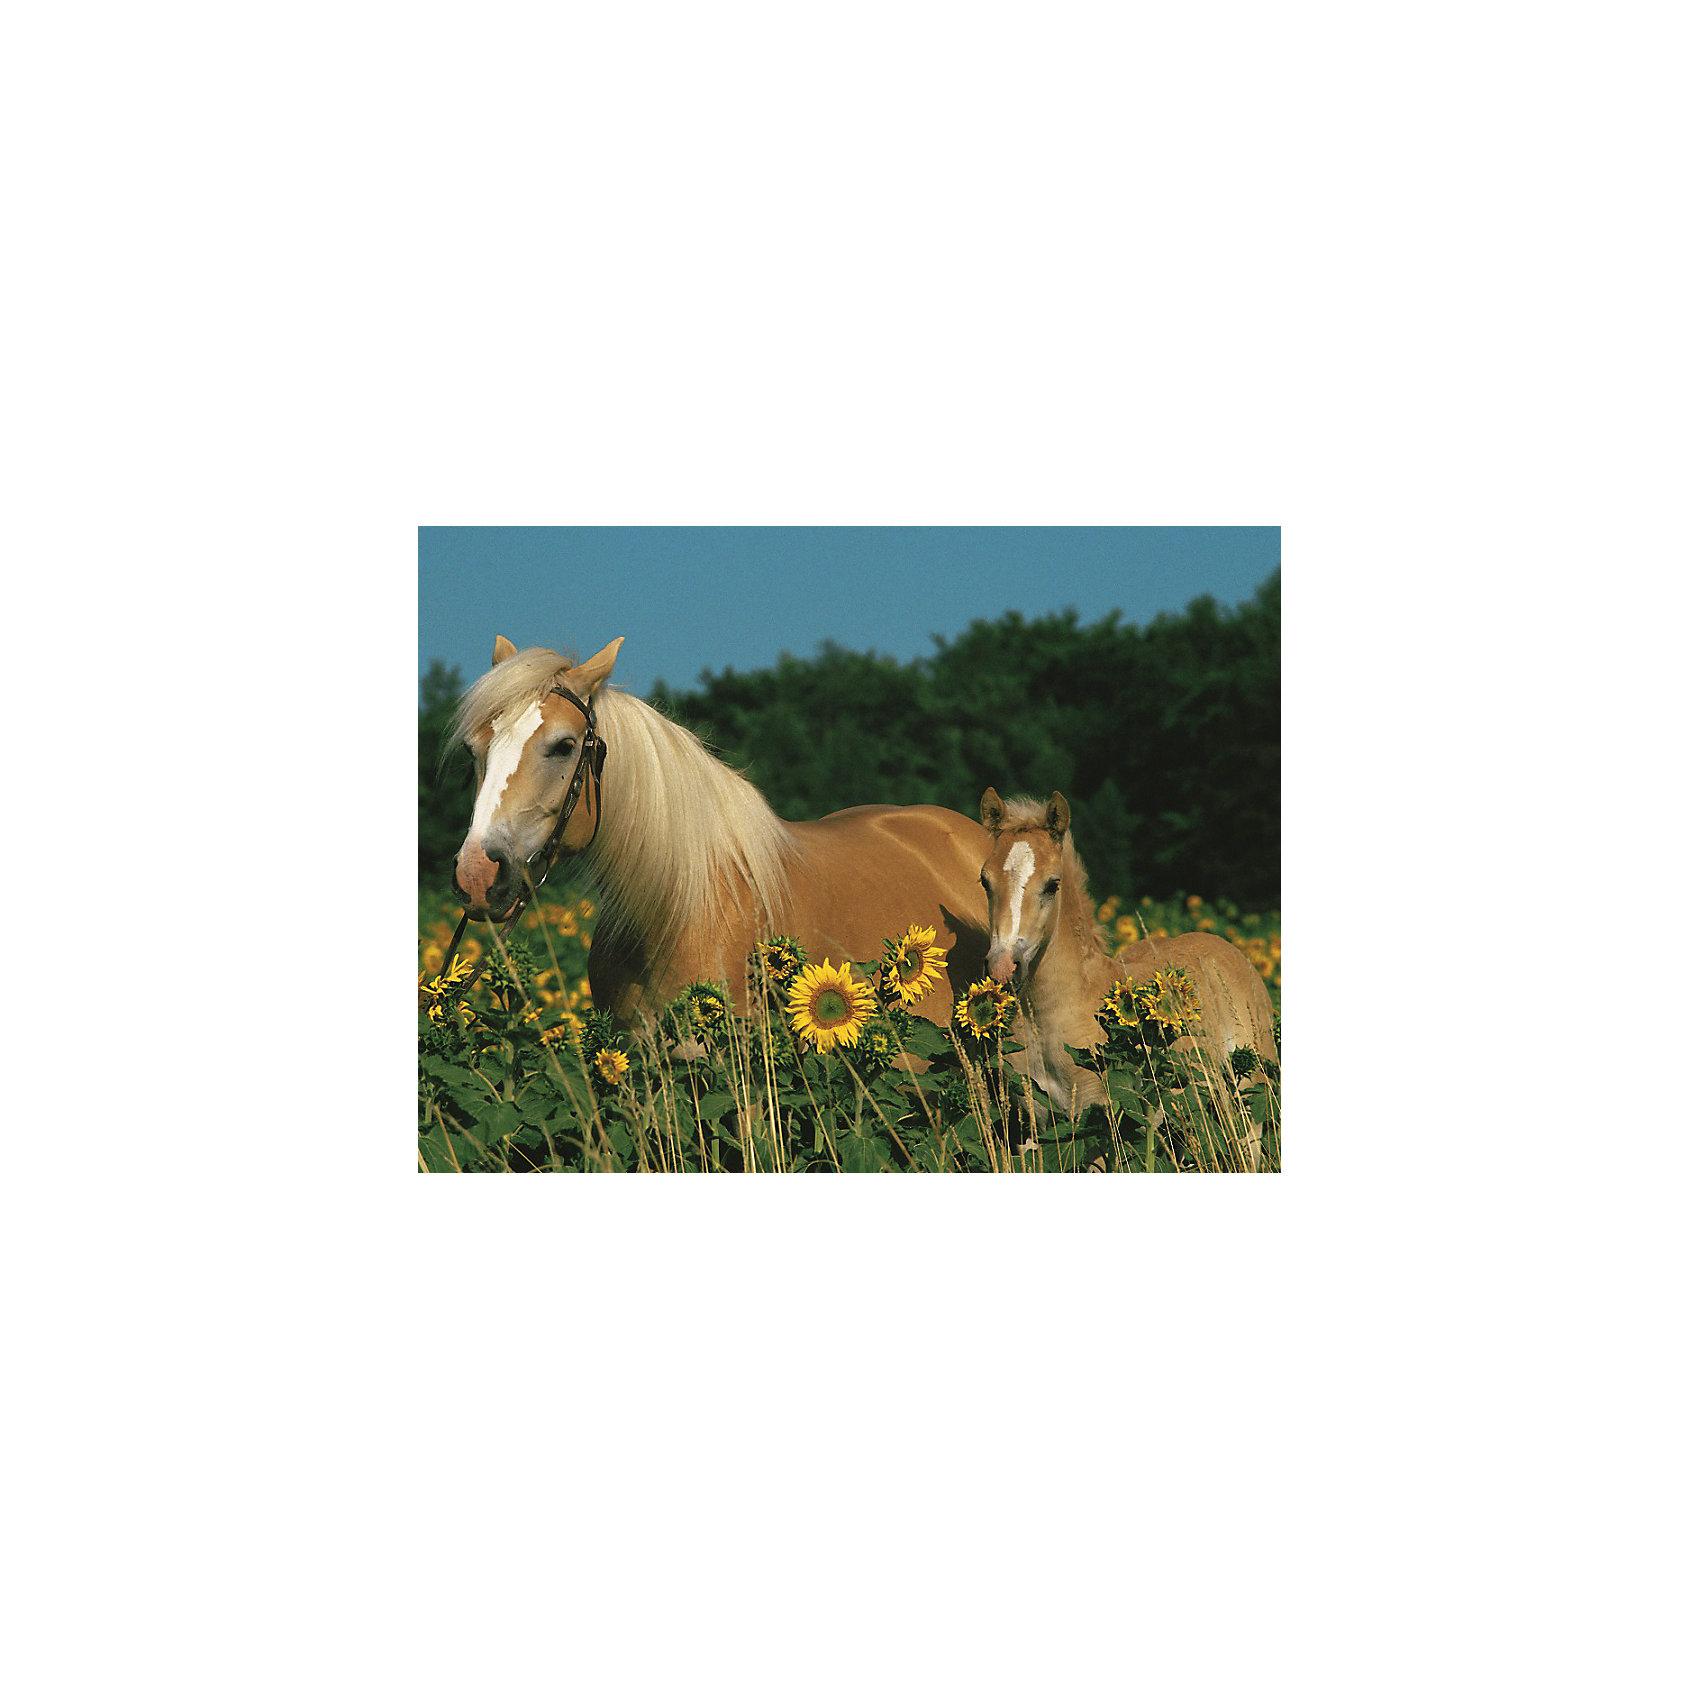 Пазл «Лошади в подсолнухах» XXL 200 шт от myToys